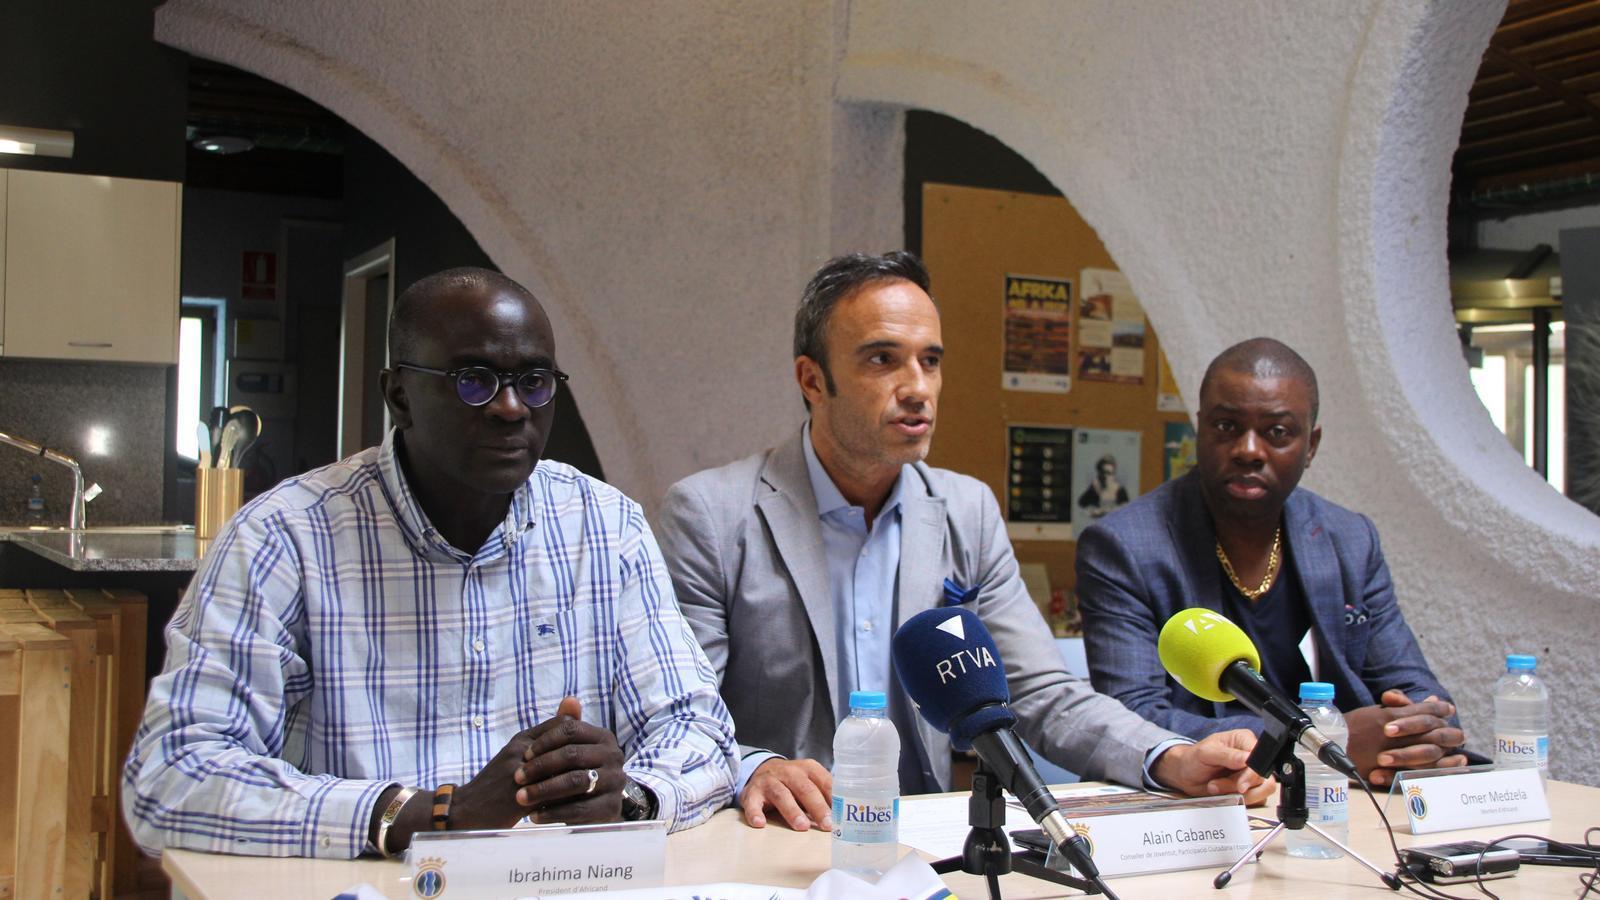 Ibrahima Niang, Alain Cabanes i Omer Medzela presenten l'11a setmana a la diversitat. / A. S.